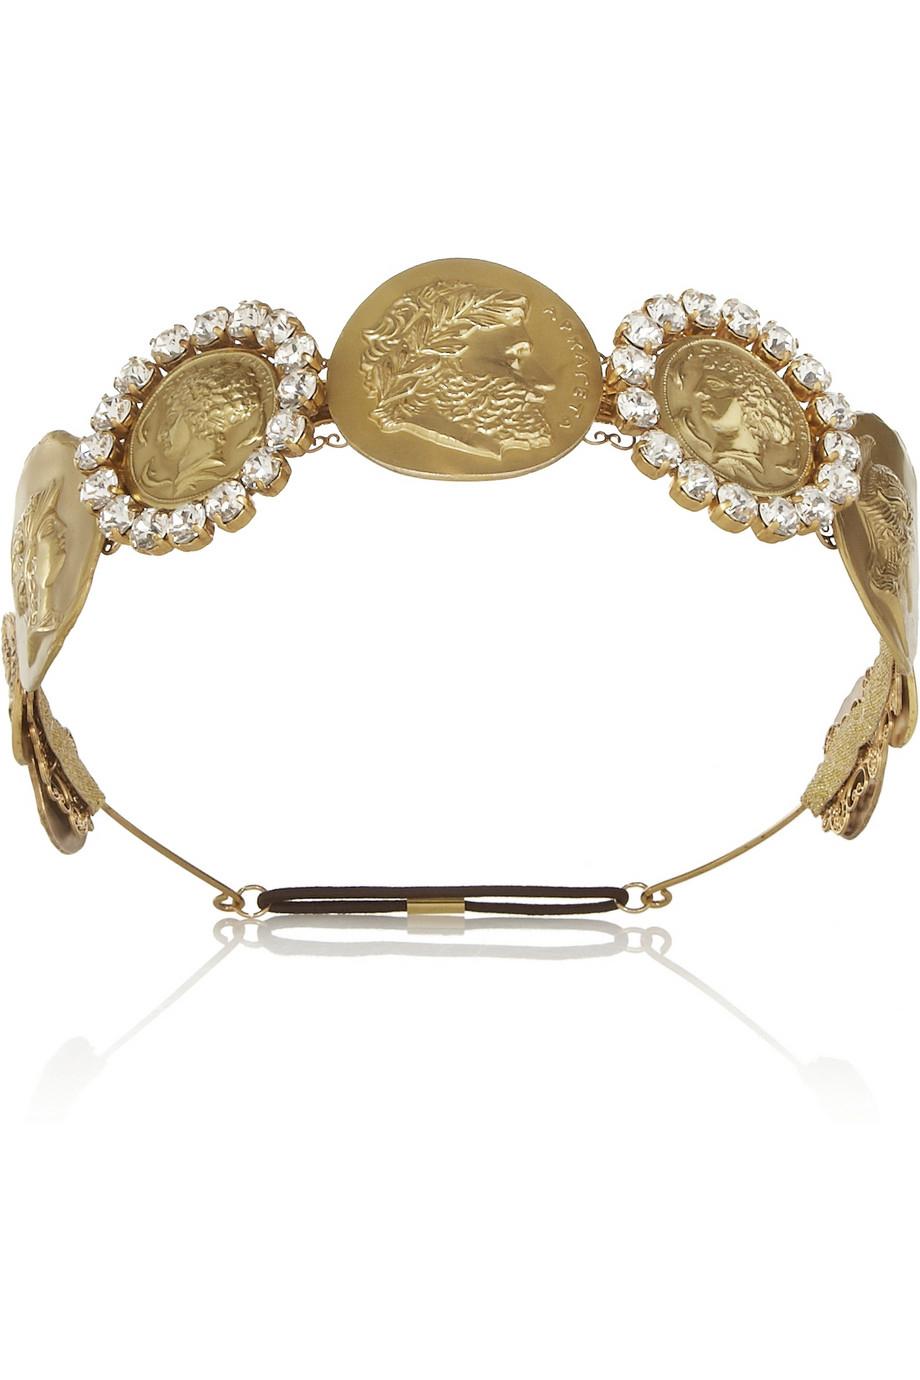 Dolce   Gabbana Gold-Tone Swarovski Crystal Coin Headband in ... 699ae163dfd